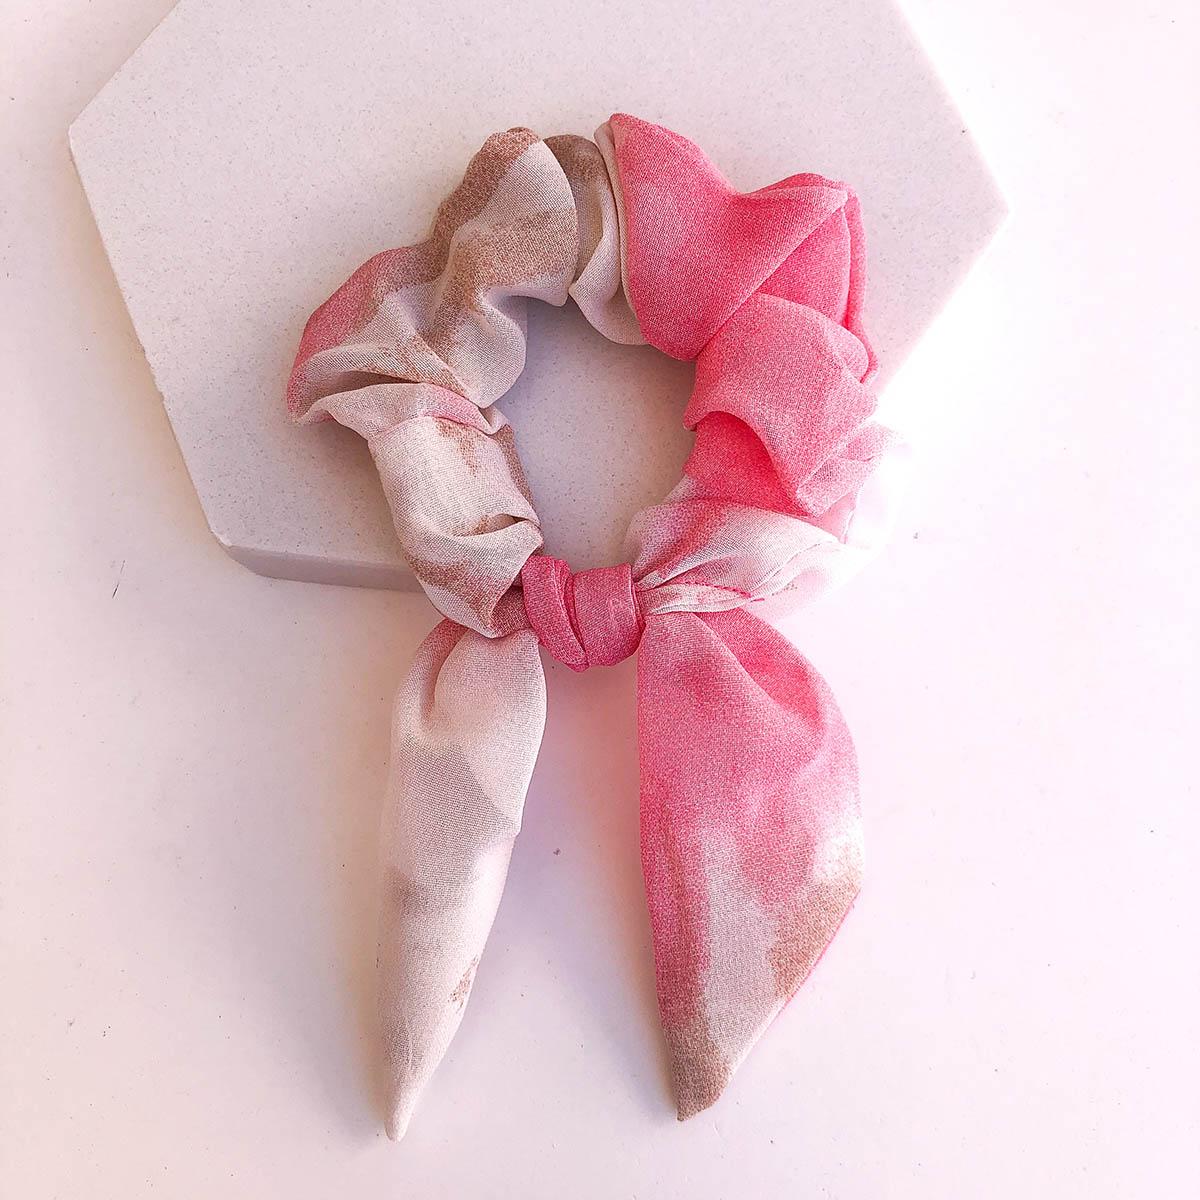 Scrunchie Tie Dye Rosa e Marrom